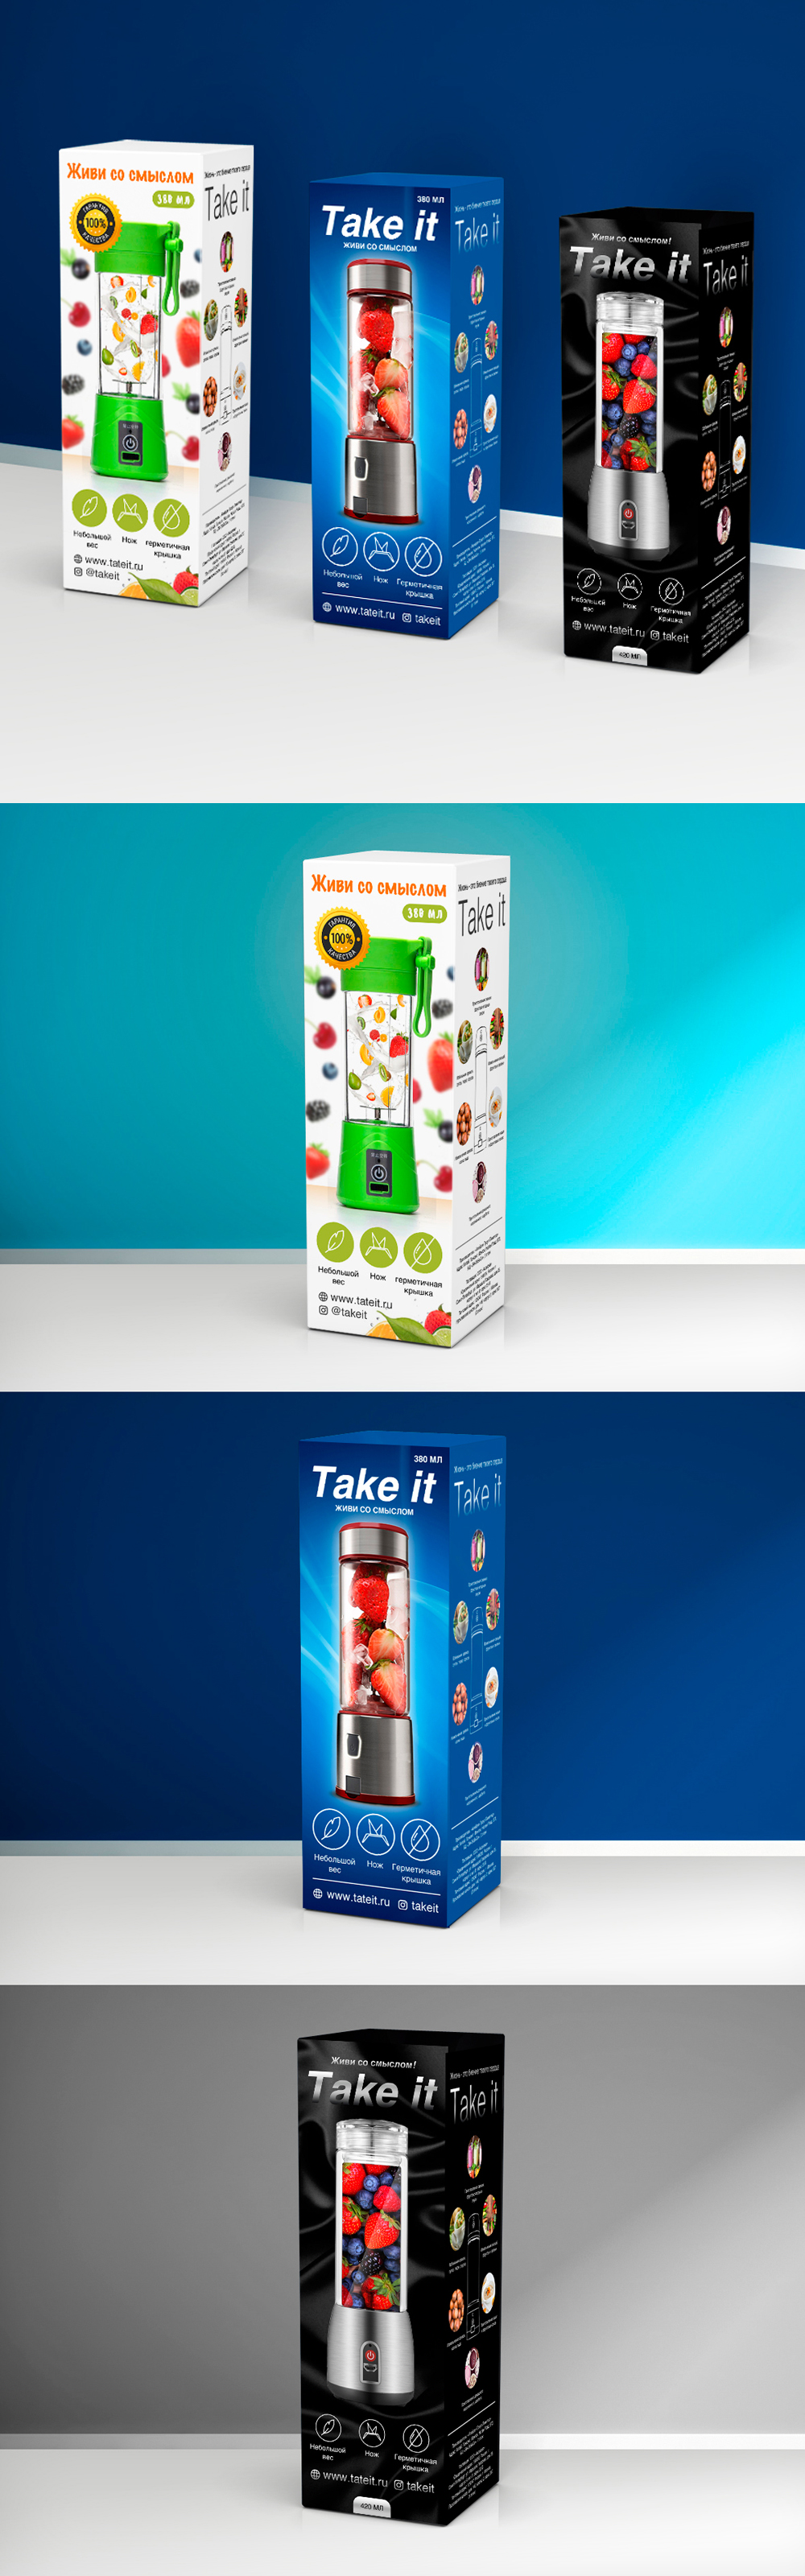 3 Упаковки для блендеров Take it